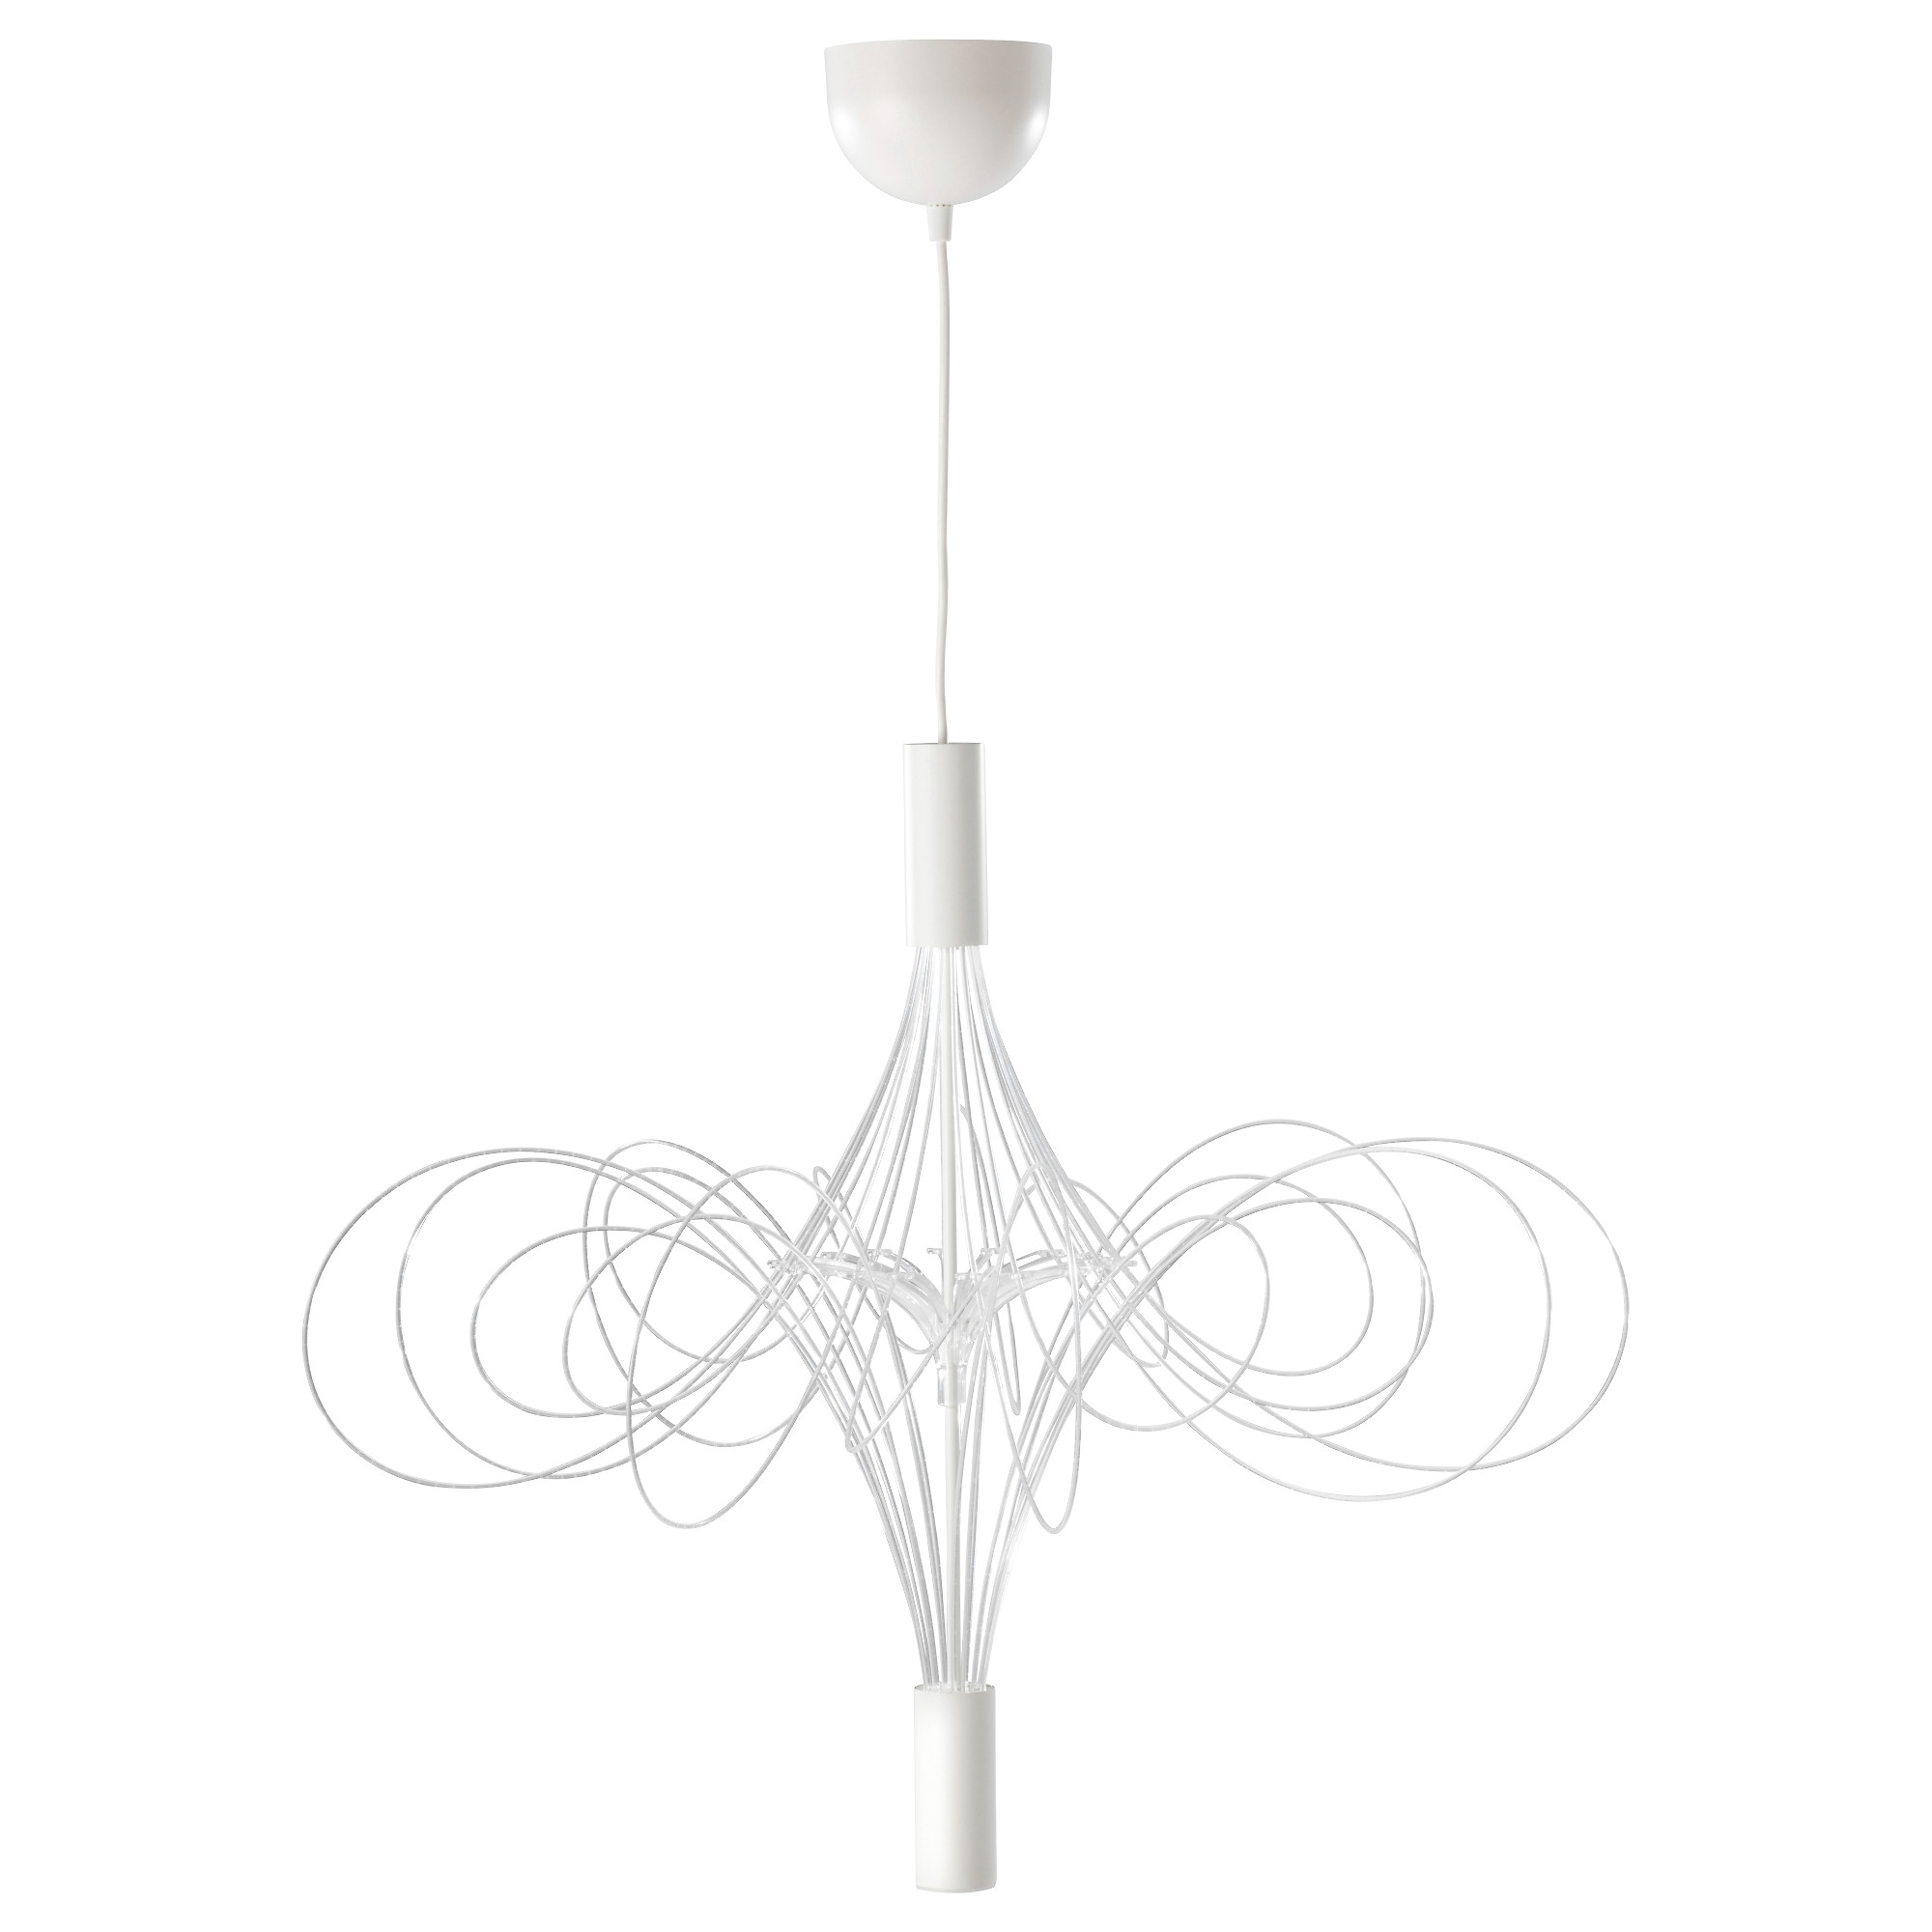 Люстра светодиодная ЭЛЬВСБИН белый артикуль № 103.609.97 в наличии. Онлайн каталог IKEA Республика Беларусь. Быстрая доставка и монтаж.